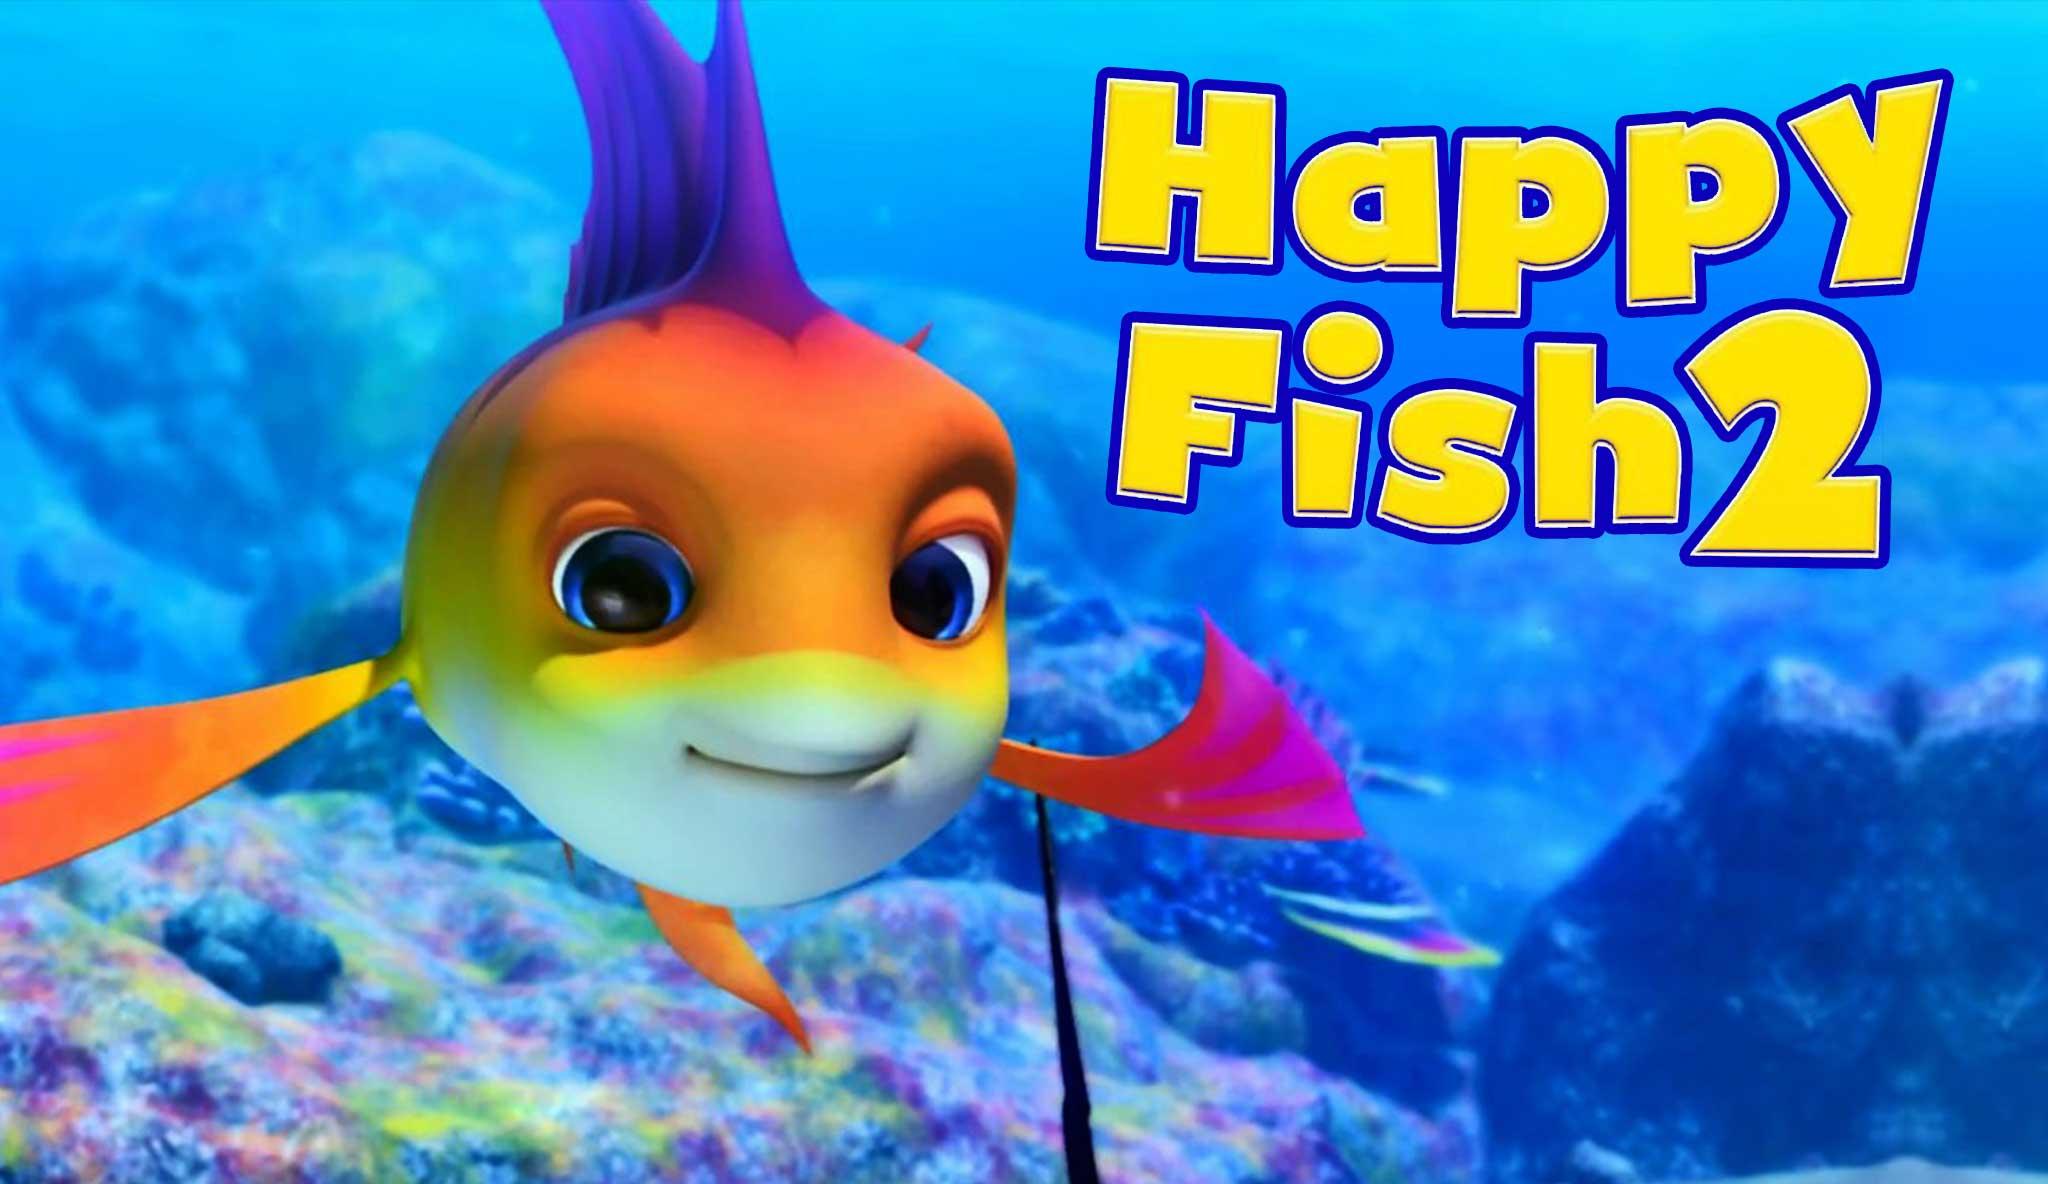 happy-fish-2-hai-alarm-im-hochwasser\header.jpg